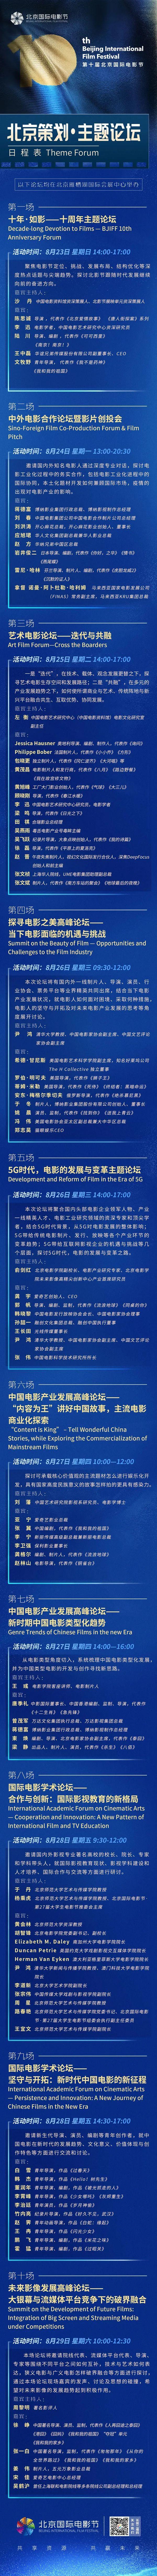 要闻速见丨北京策划·主题论坛 日程安排新鲜出炉